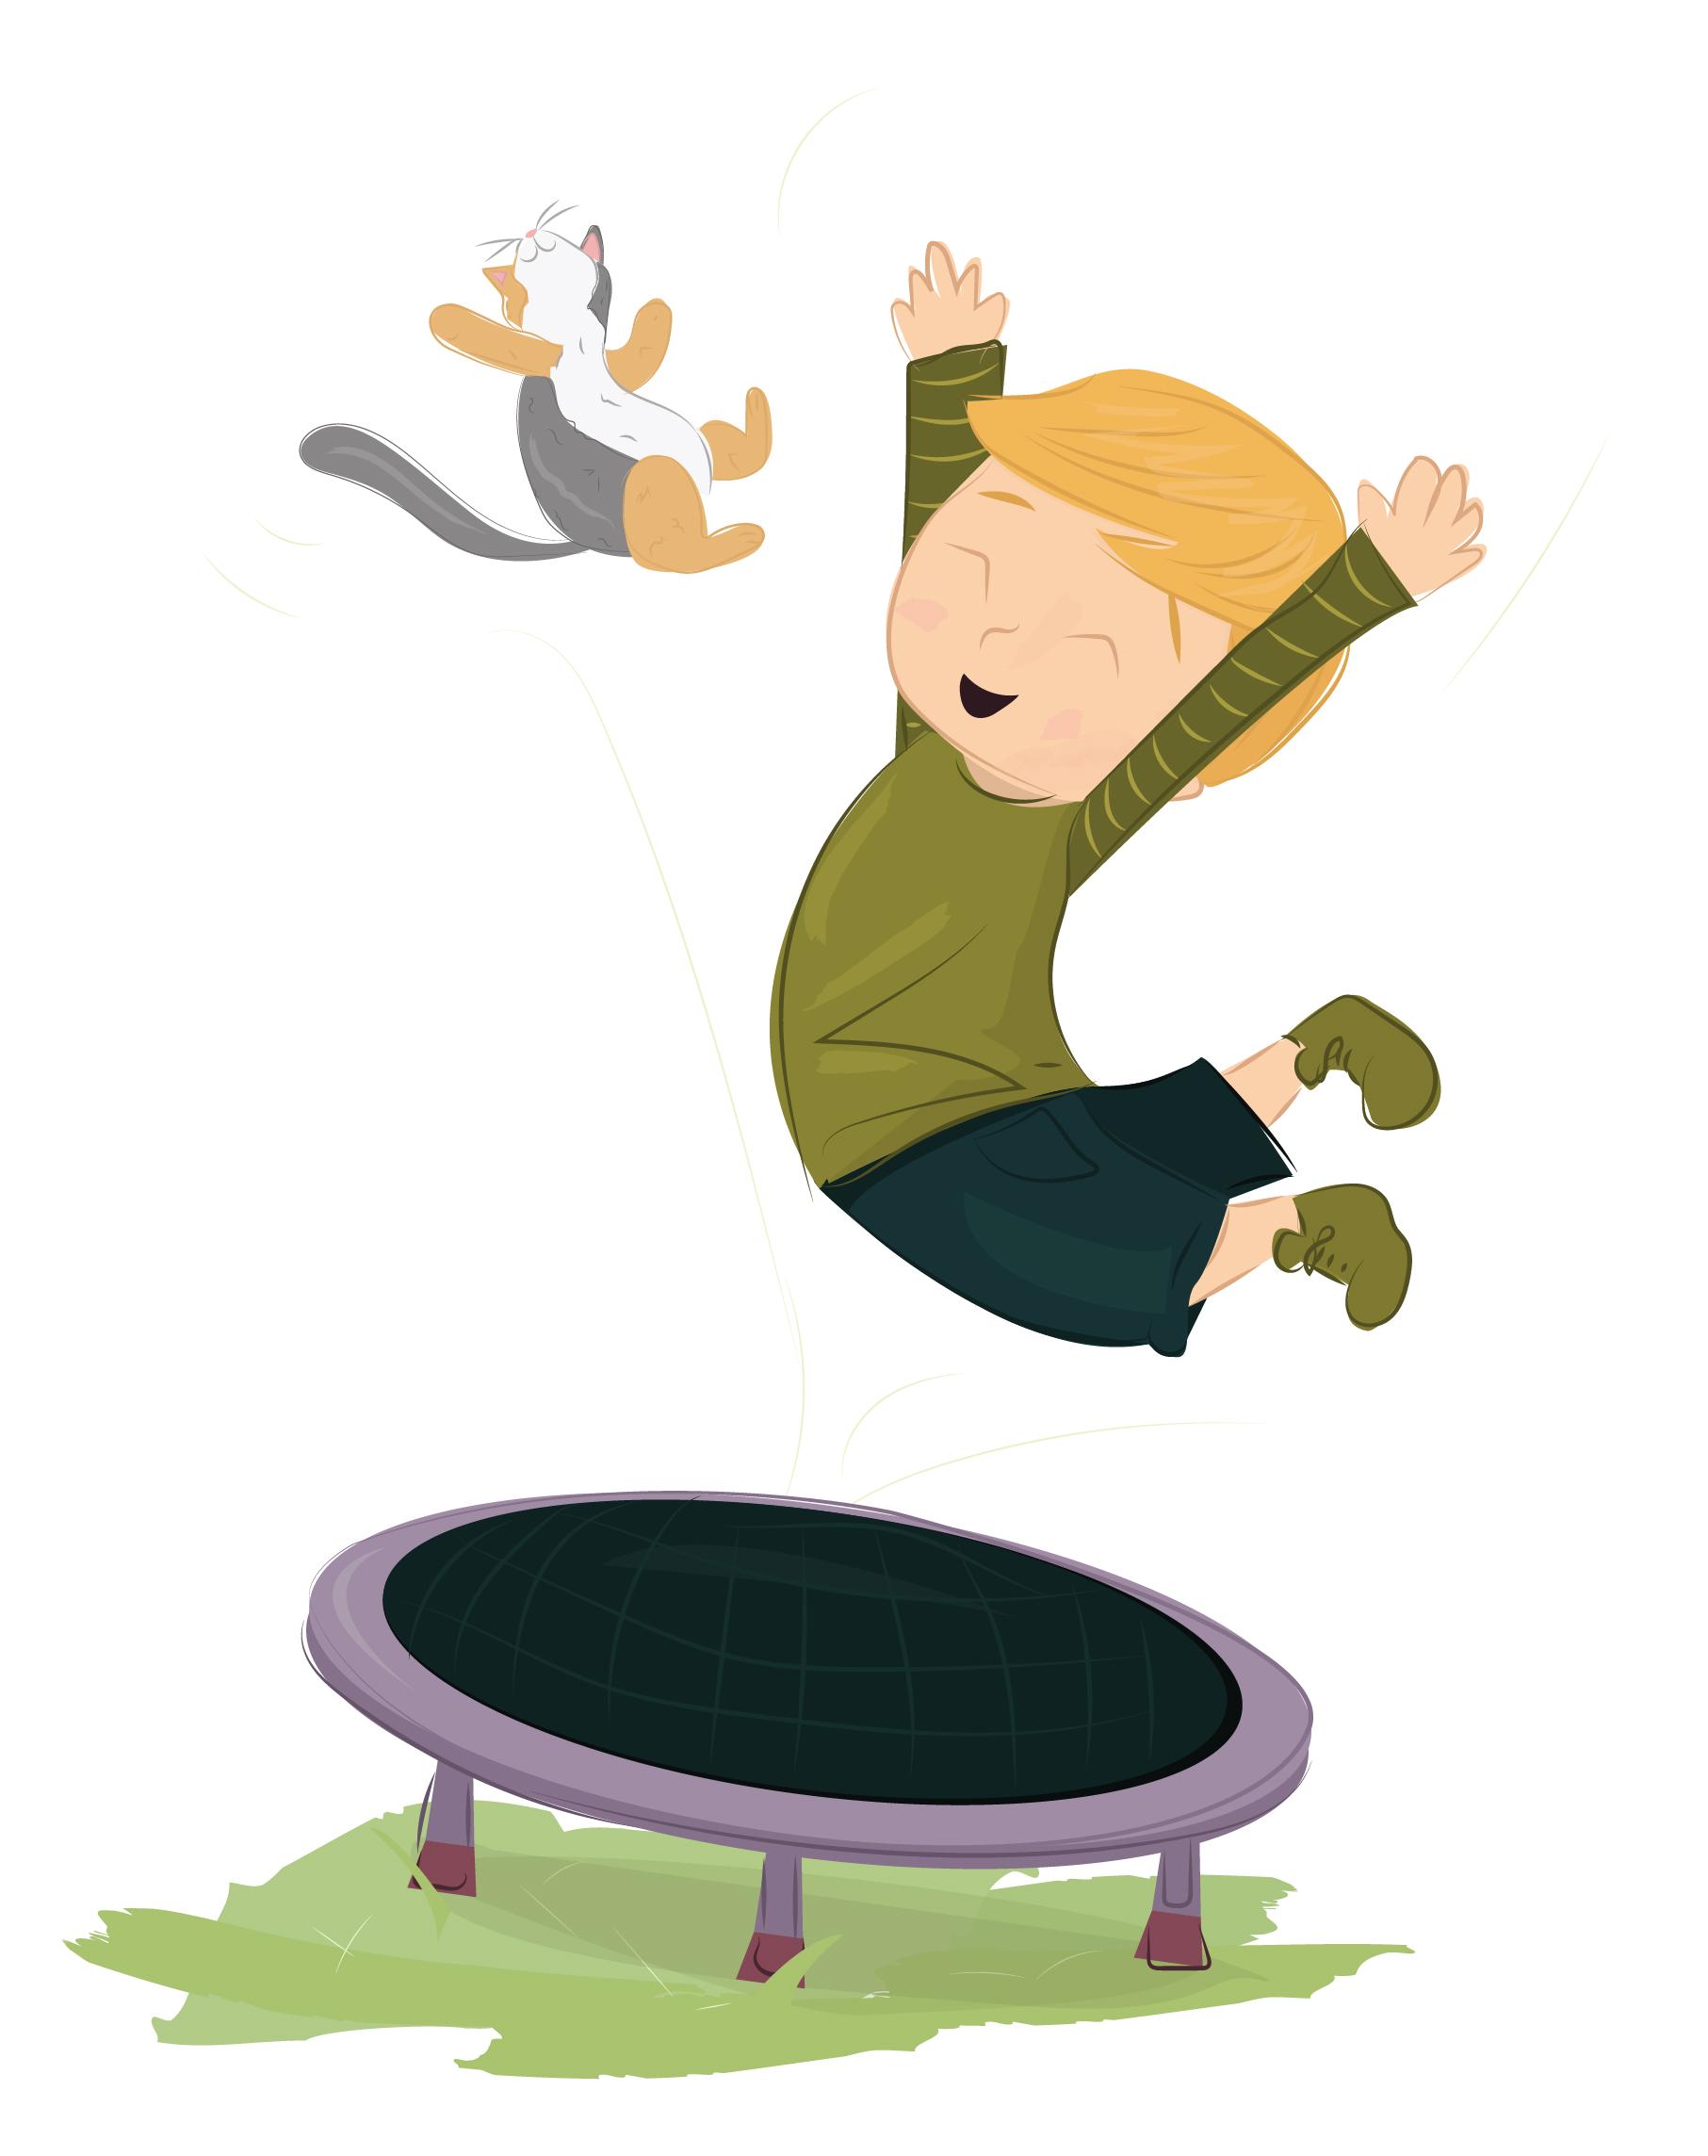 WInkus page 3 trampoline-01.jpg